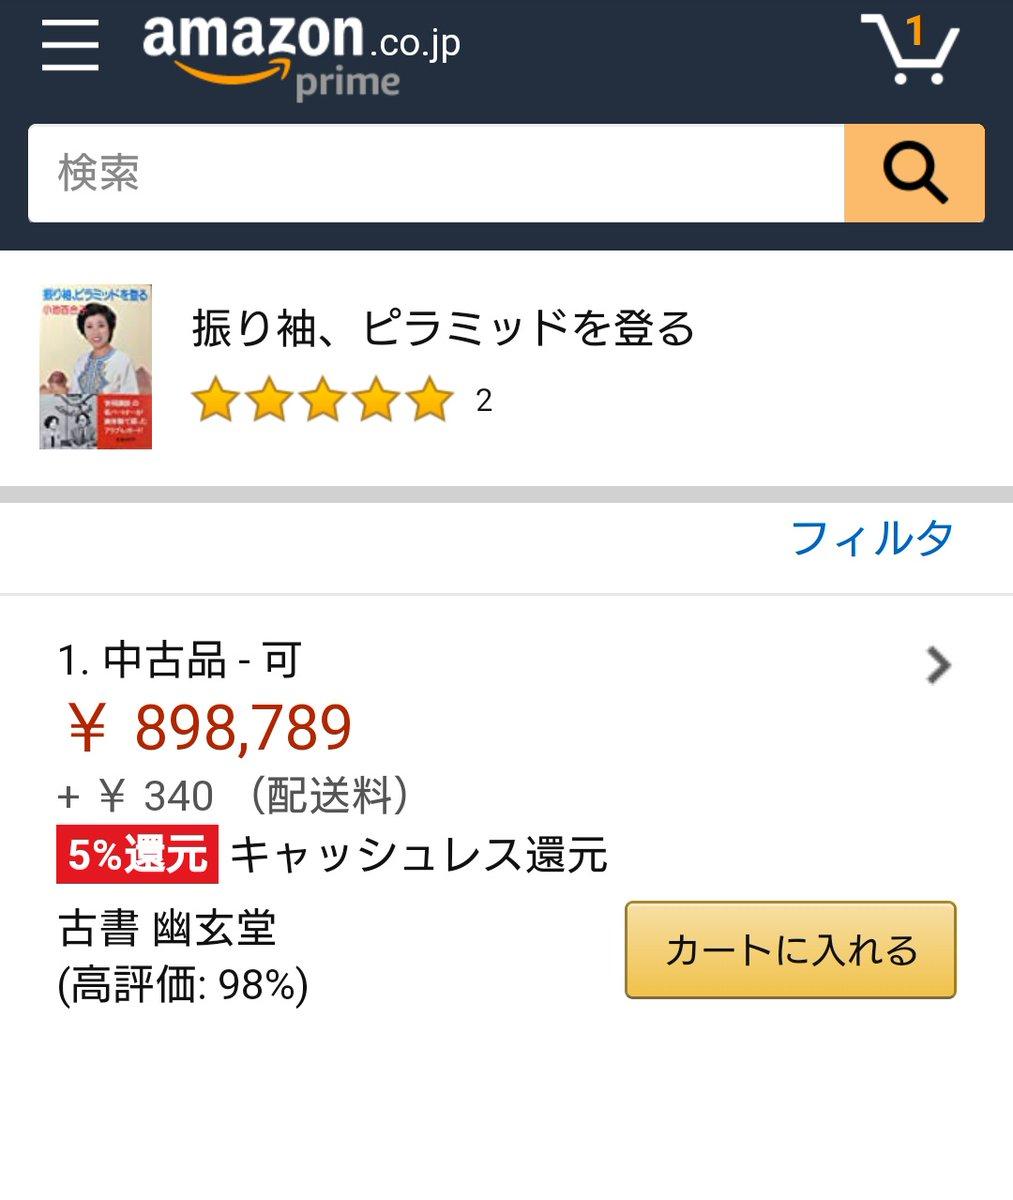 今ならAmazonで80万円で売ってる希少本。 「振り袖 ピラミッドを登る」  #小池百合子 https://t.co/4uklpGlG4t https://t.co/PqARZwZKWa